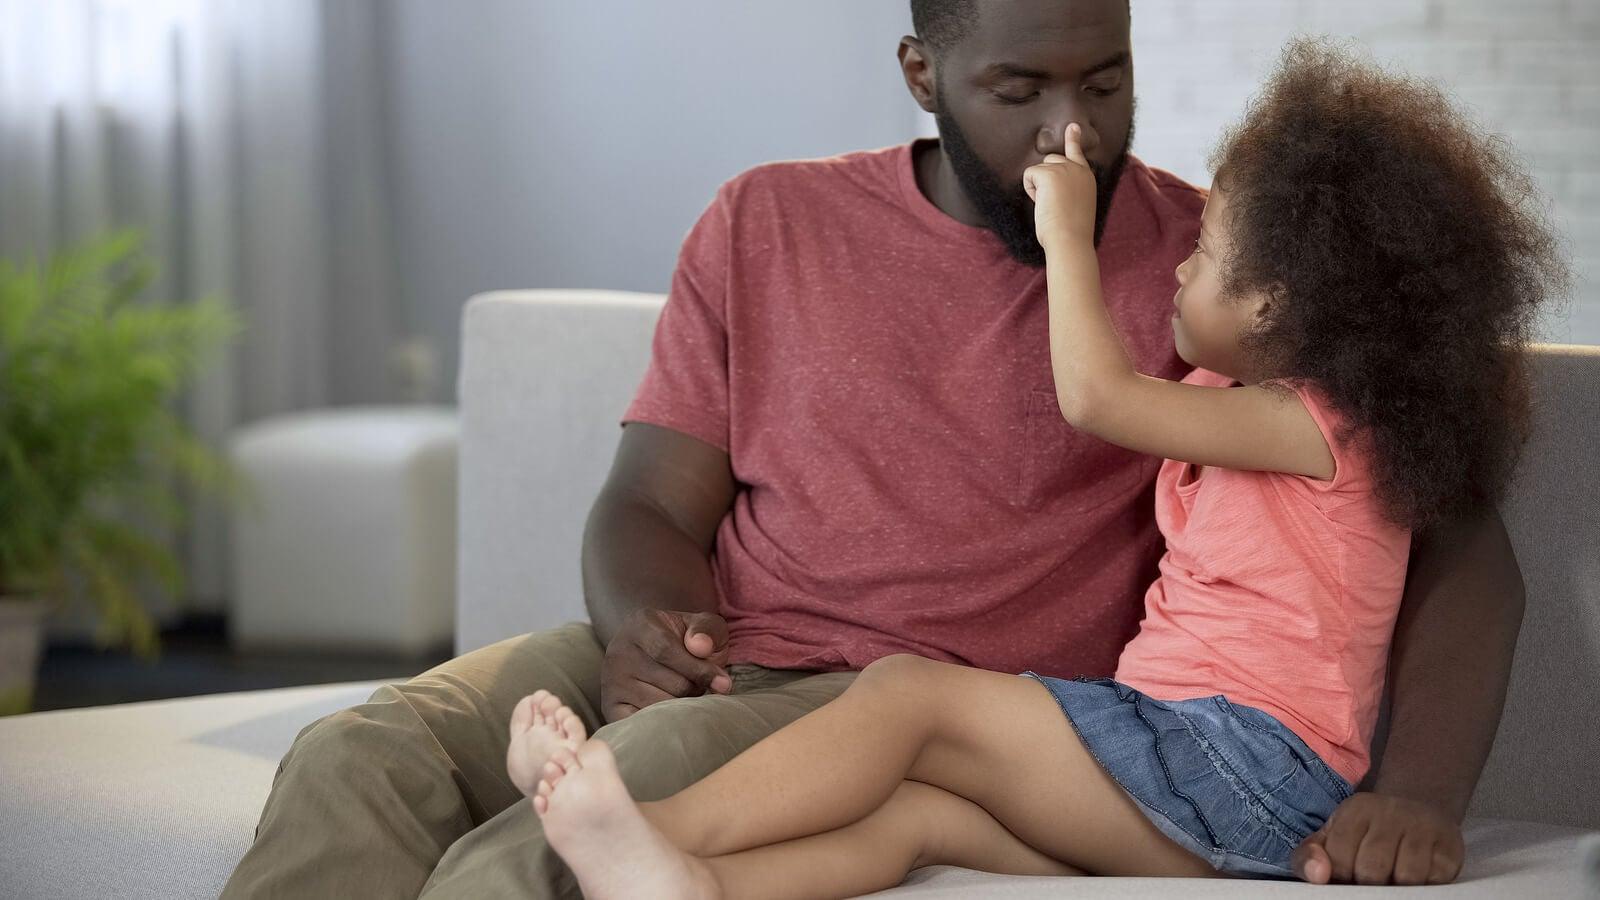 Padre jugando con su hija con mucho afecto.